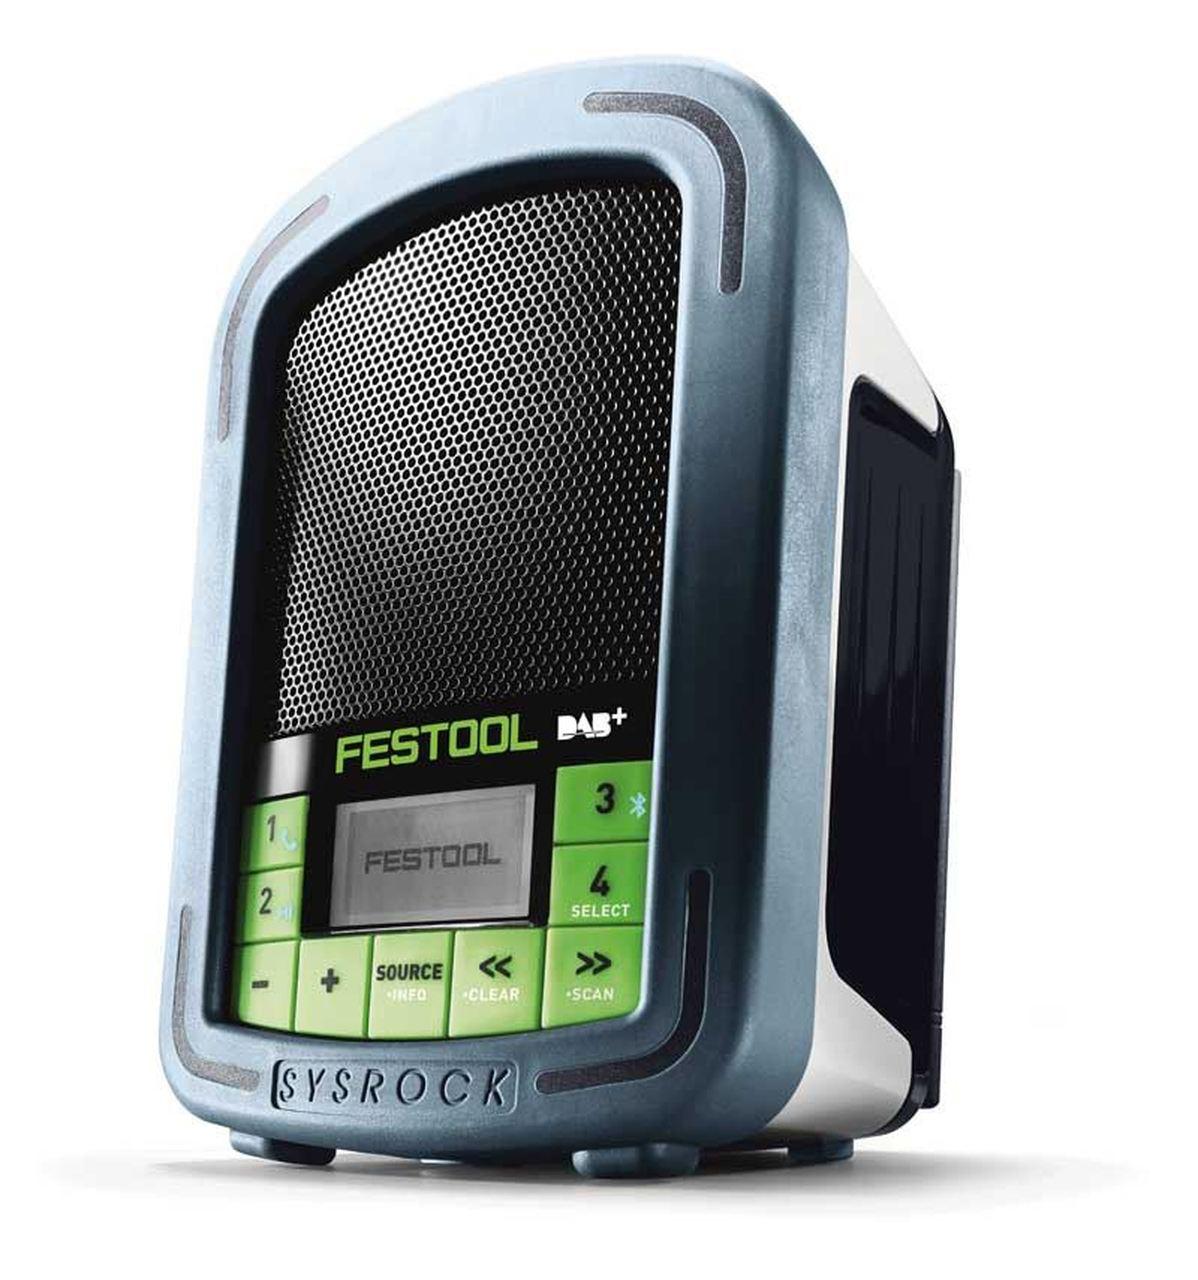 Festool Site Radio